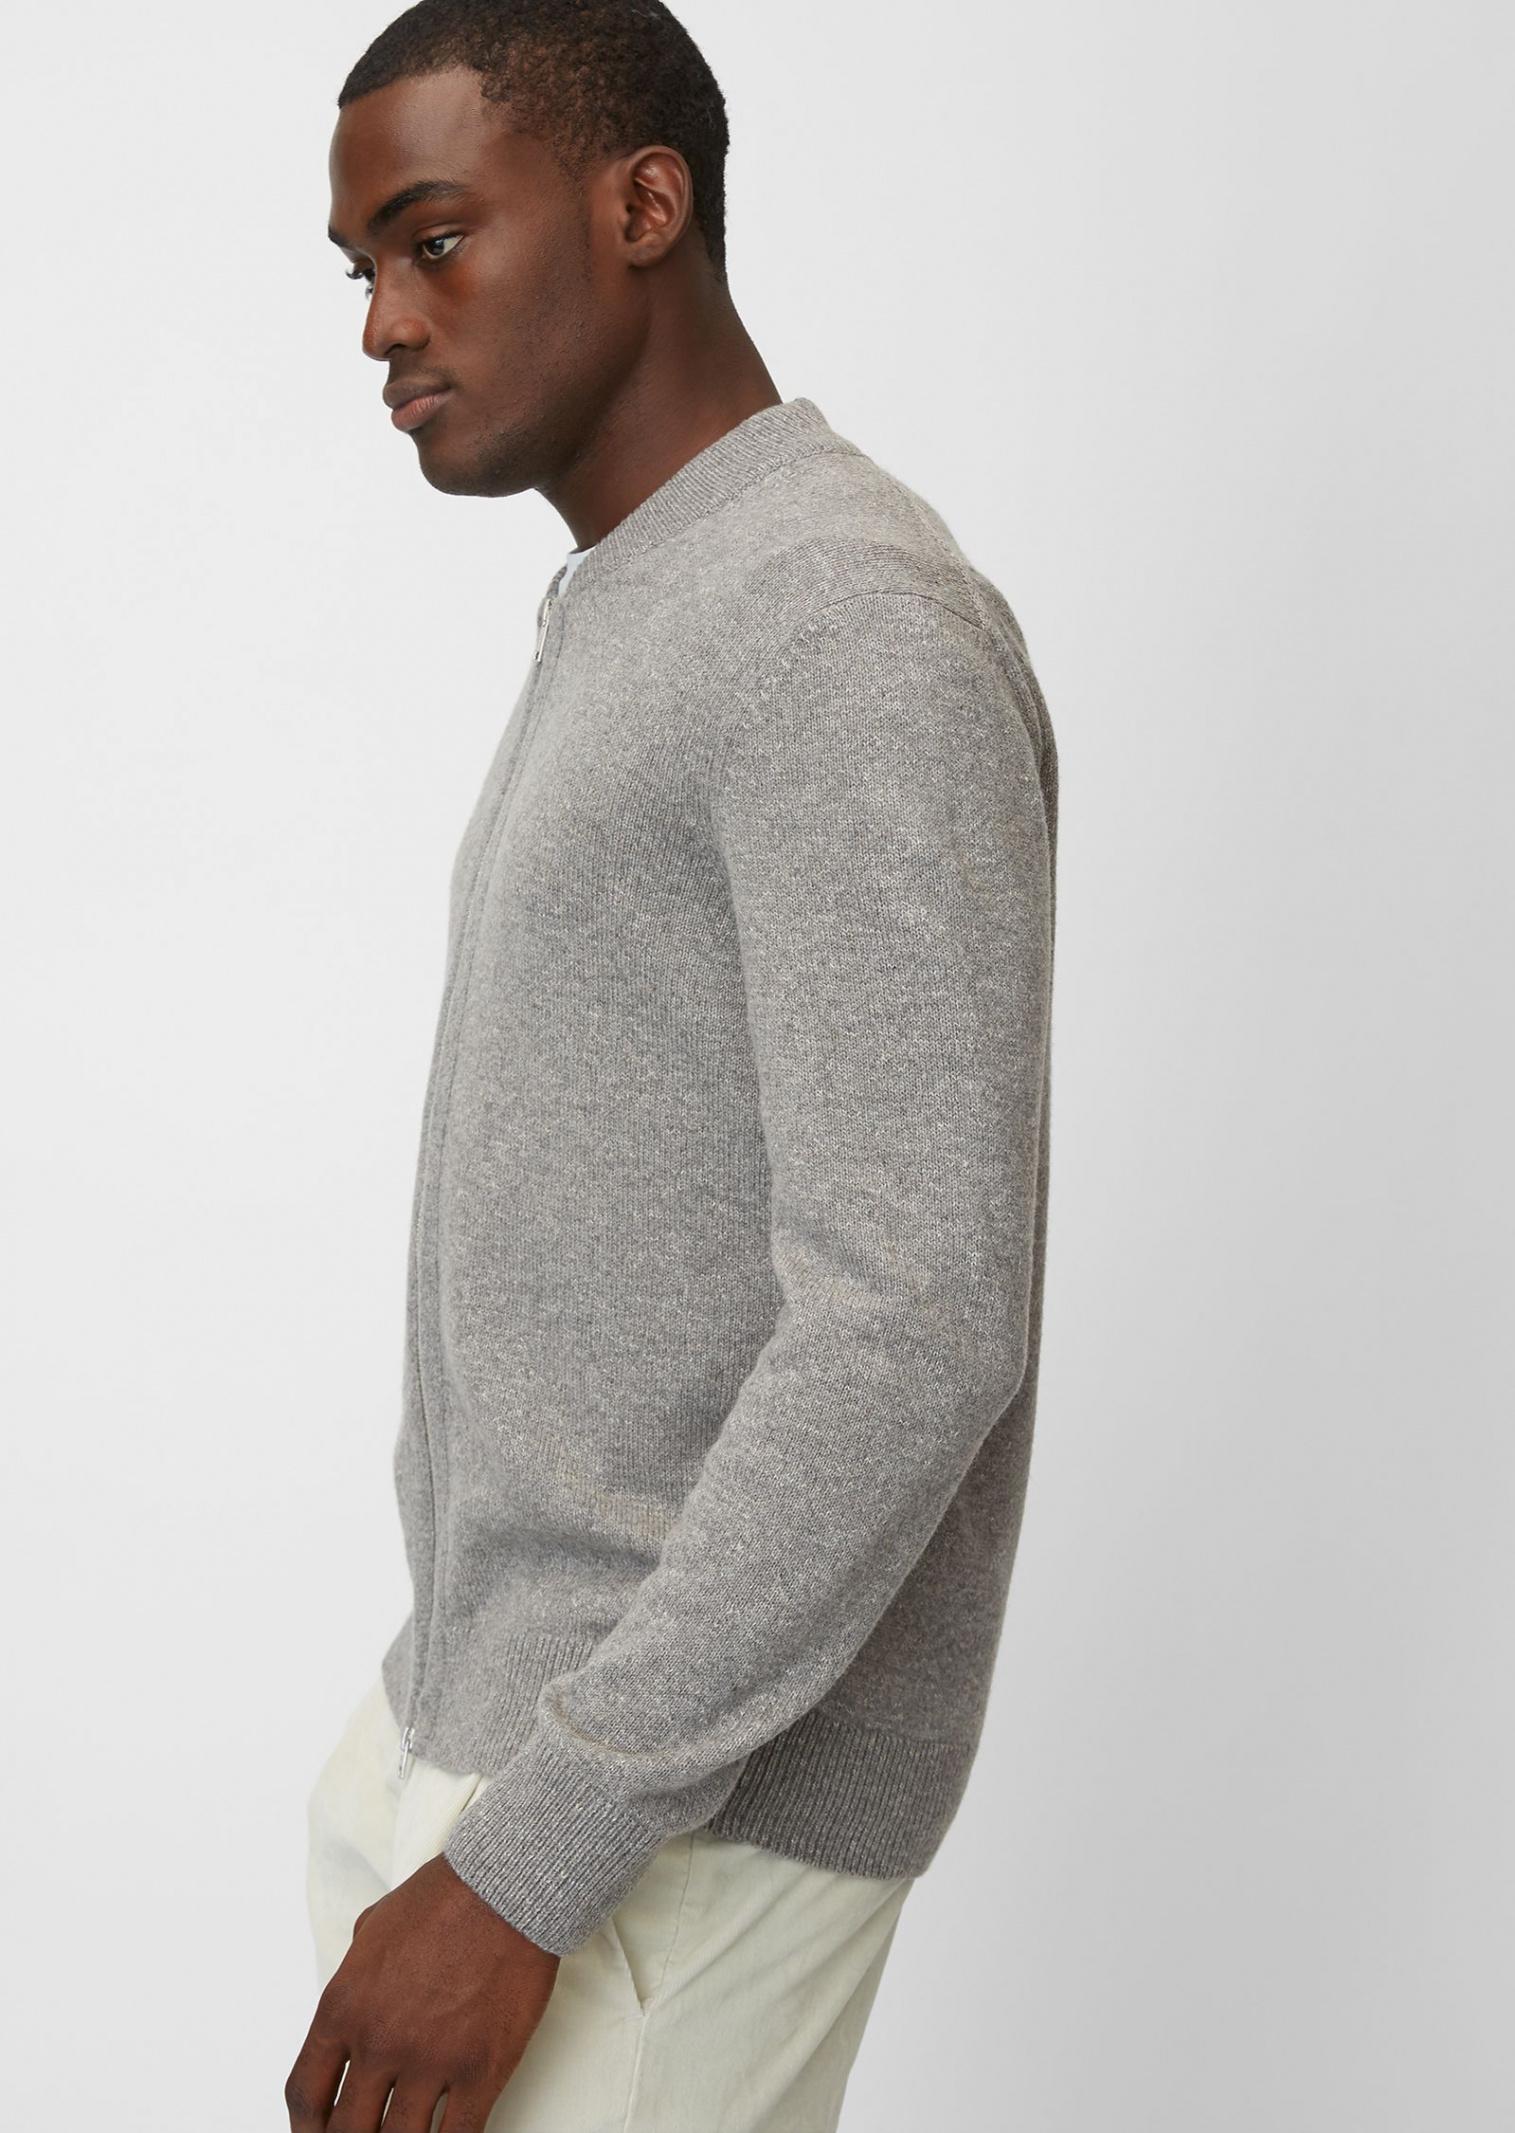 MARC O`POLO Кофти та светри чоловічі модель 930620961068-936 характеристики, 2017